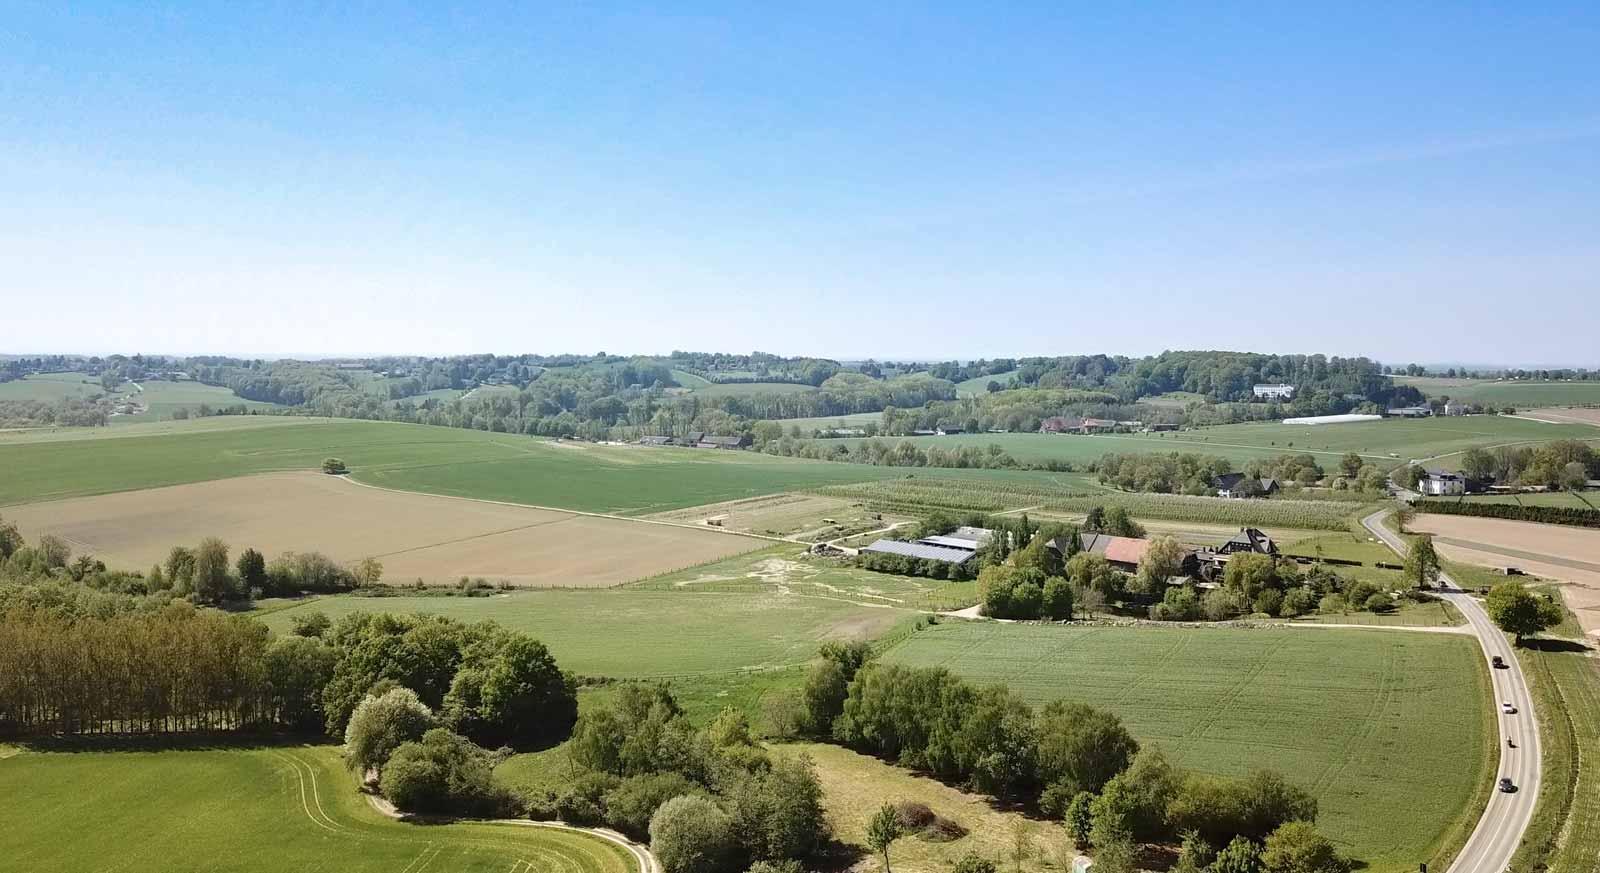 Immobilien in Essen Schuir - Luftaufnahme